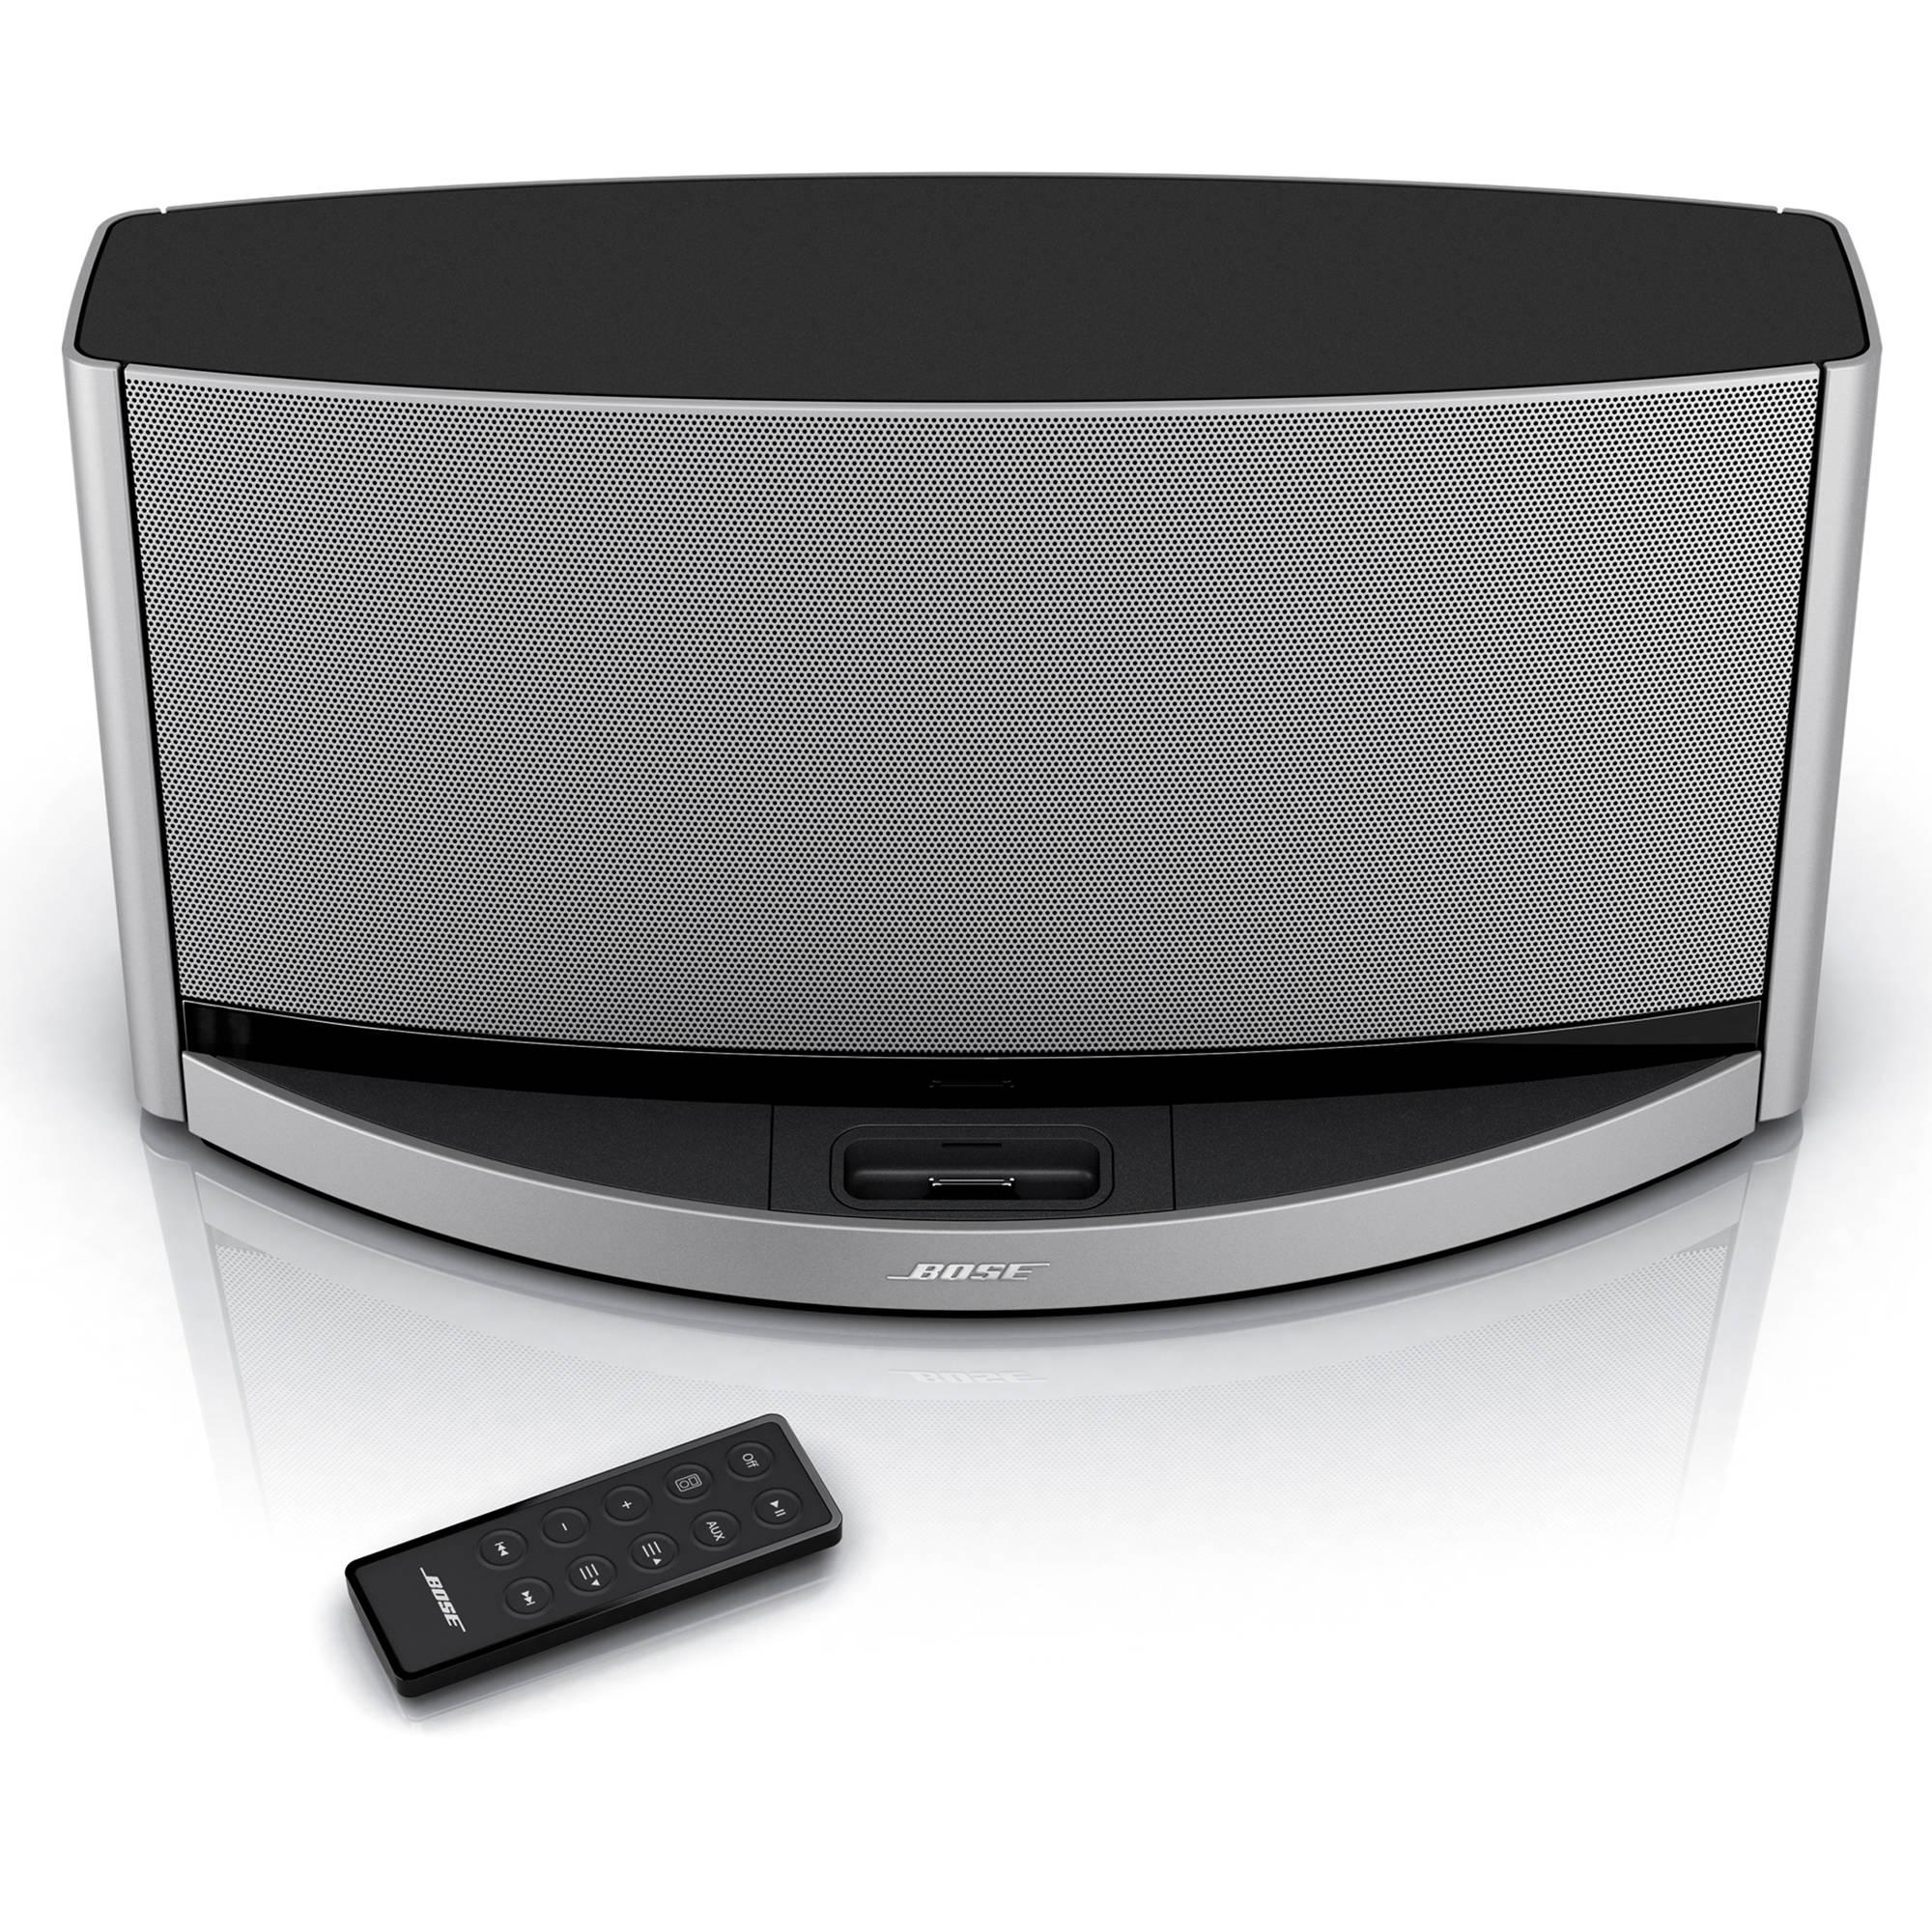 bose sounddock 10 bluetooth digital music system 309505. Black Bedroom Furniture Sets. Home Design Ideas